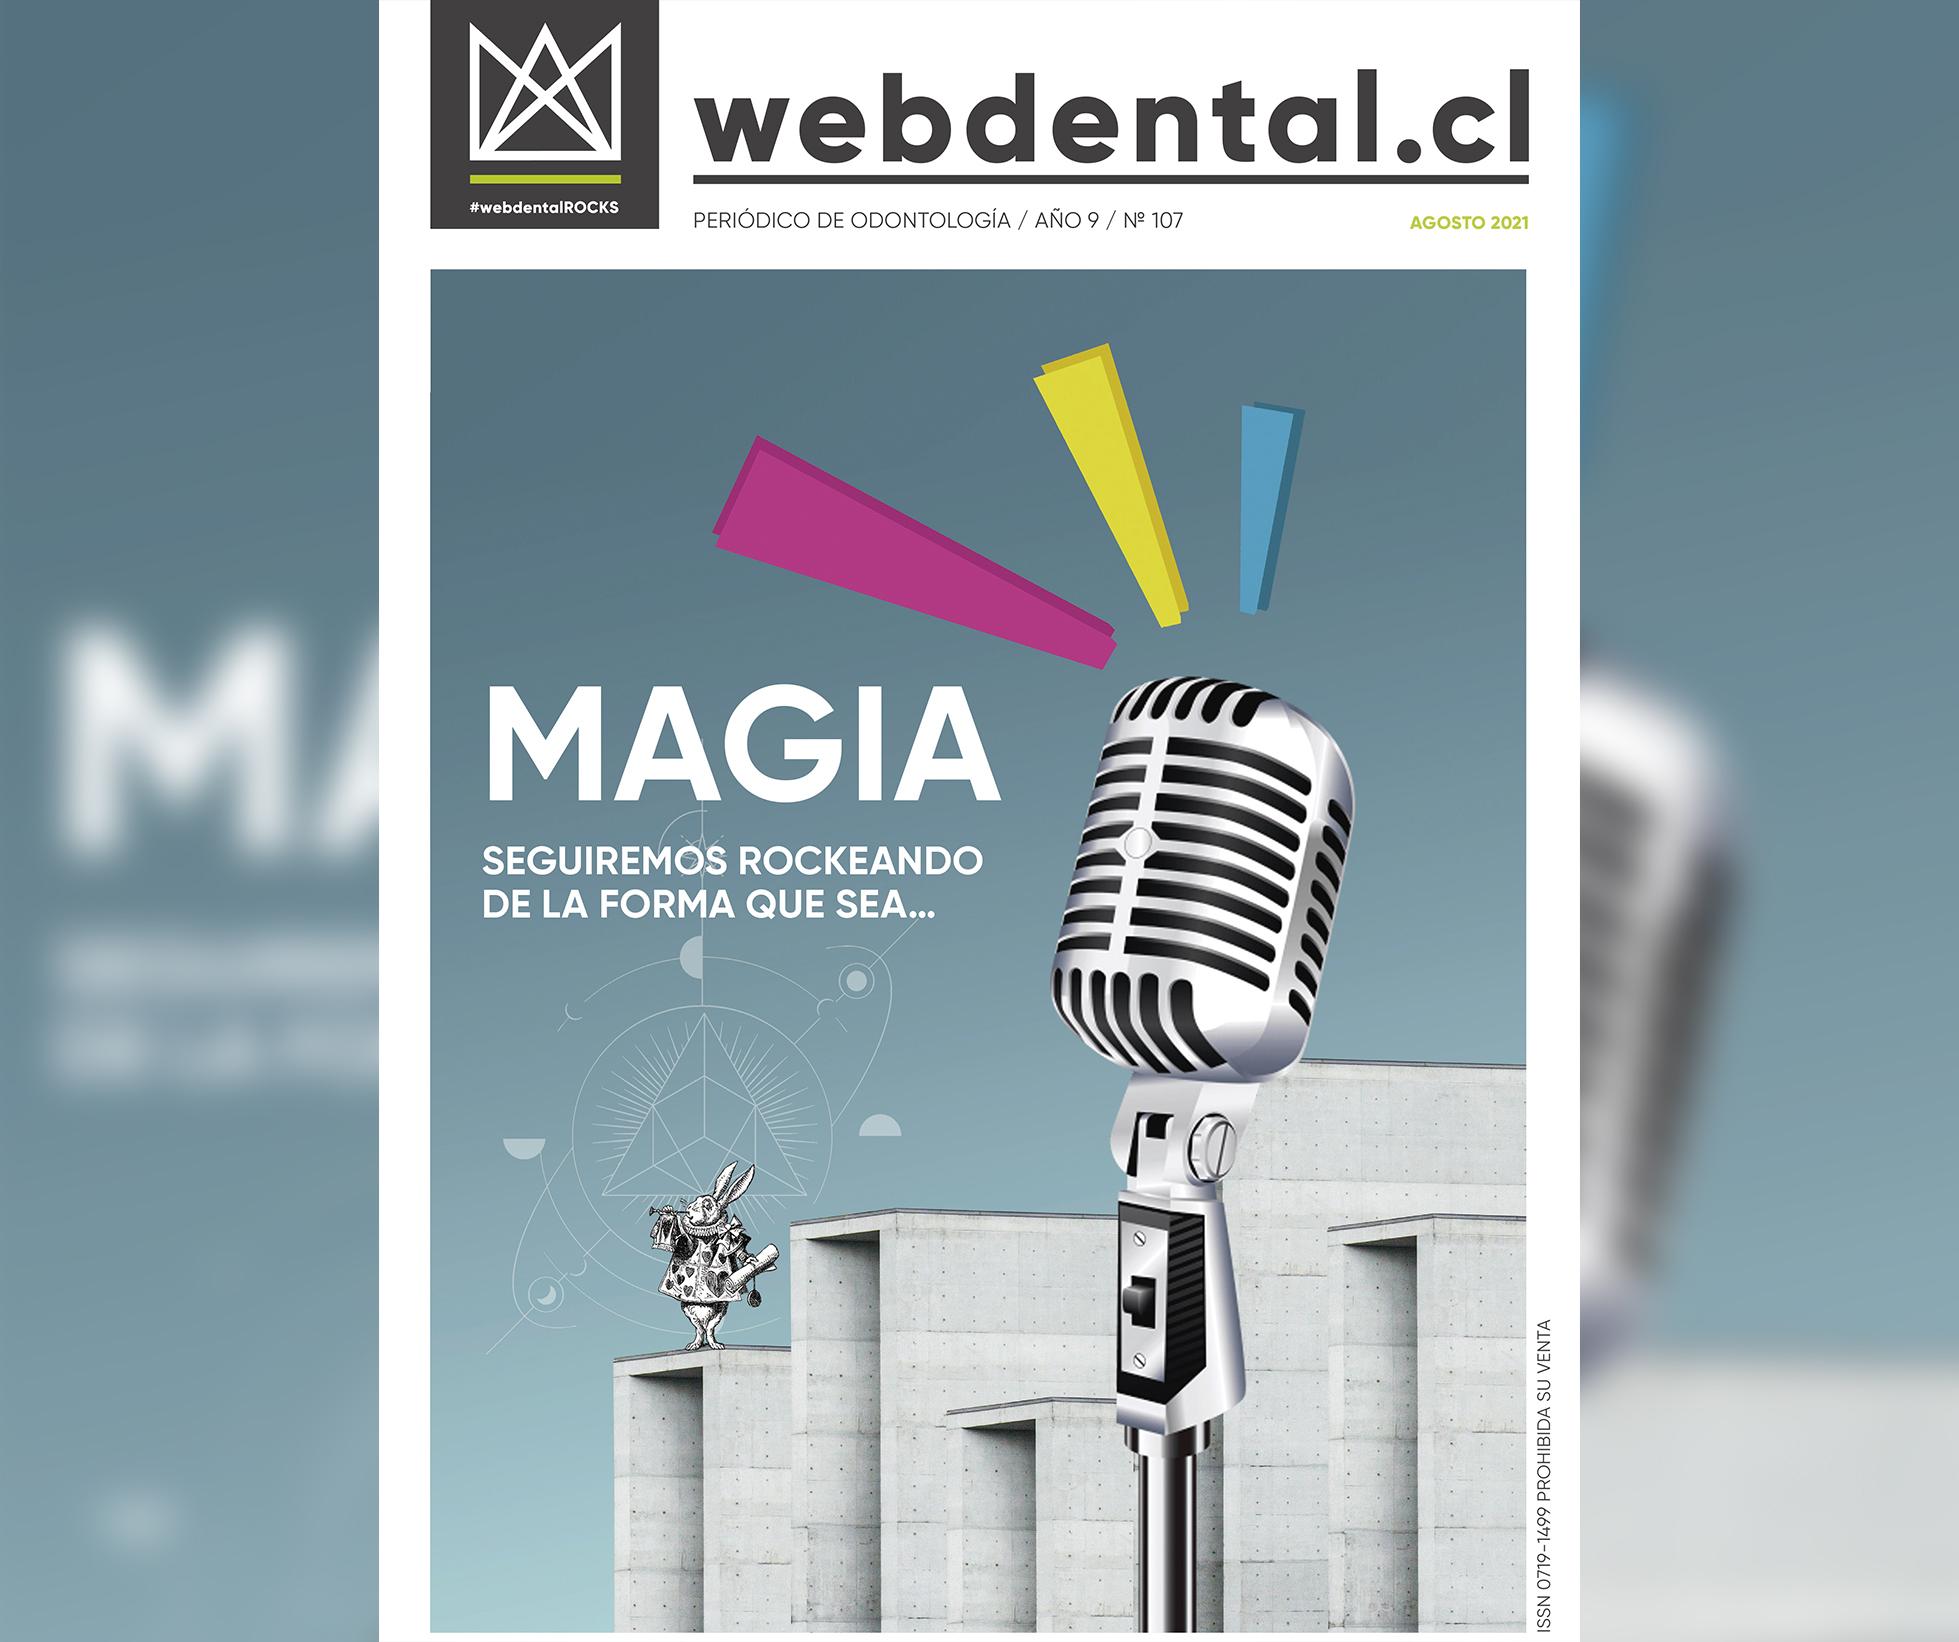 Periodico-de-Odontologia-107-IG-web